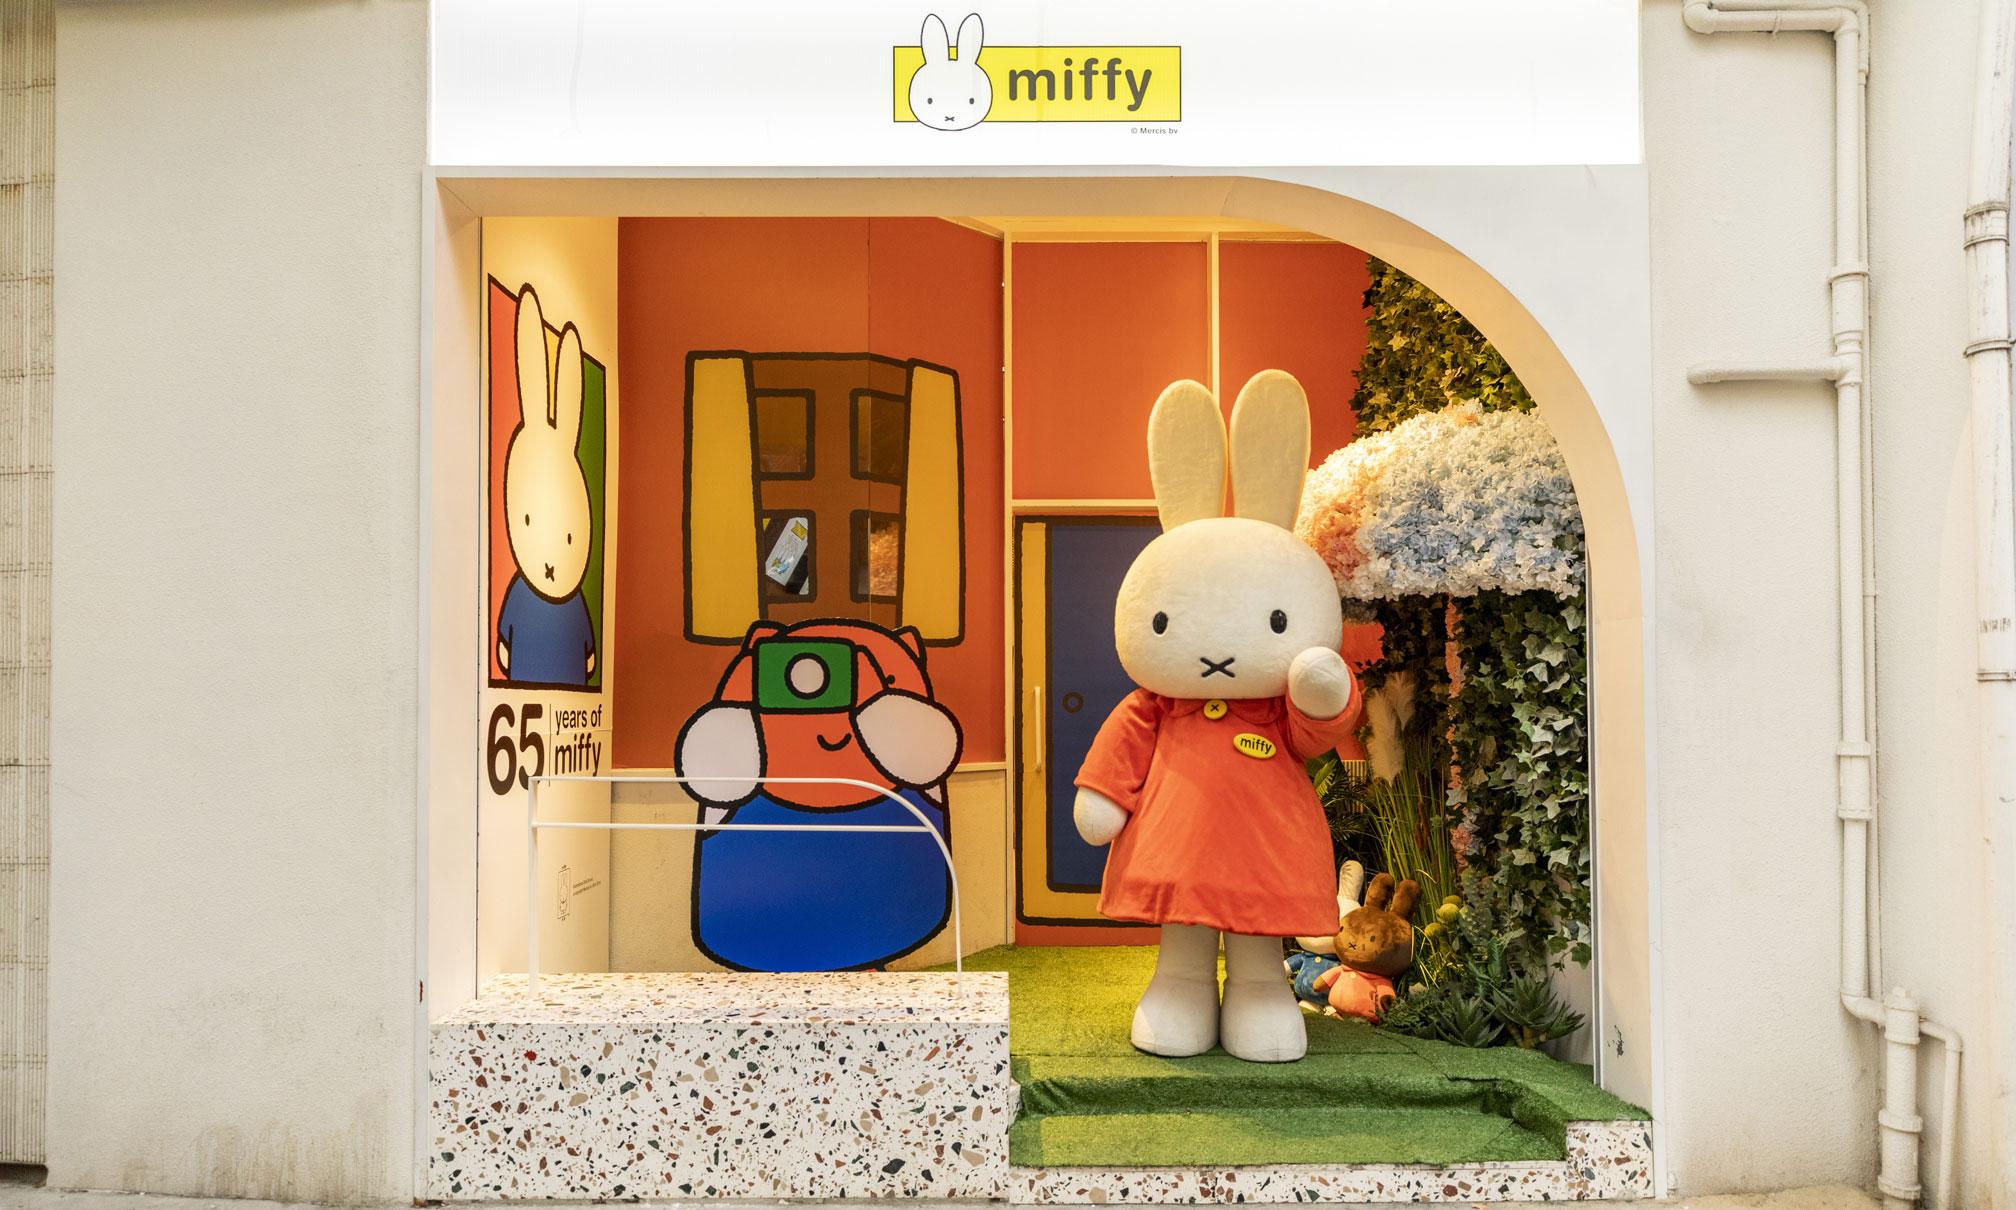 为 miffy 置家,Voler x 米菲兔 Pop-Up Store 正式开幕